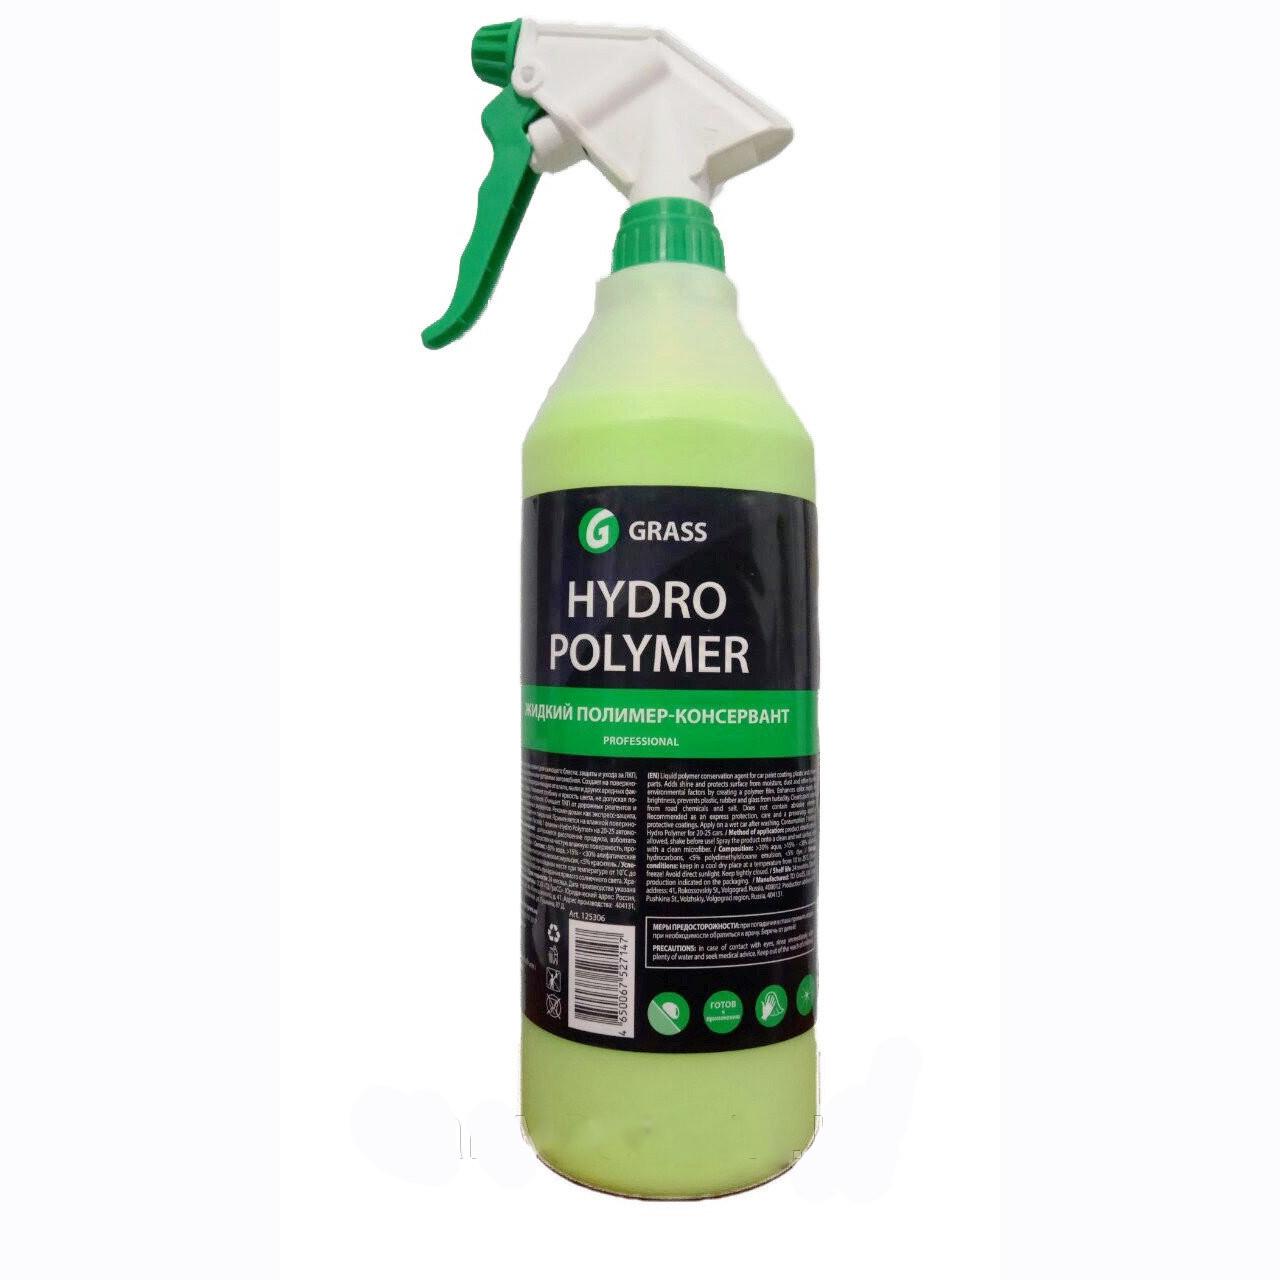 Жидкий полимер GRASS Hydro polimer с проф. триггером 1л 125306